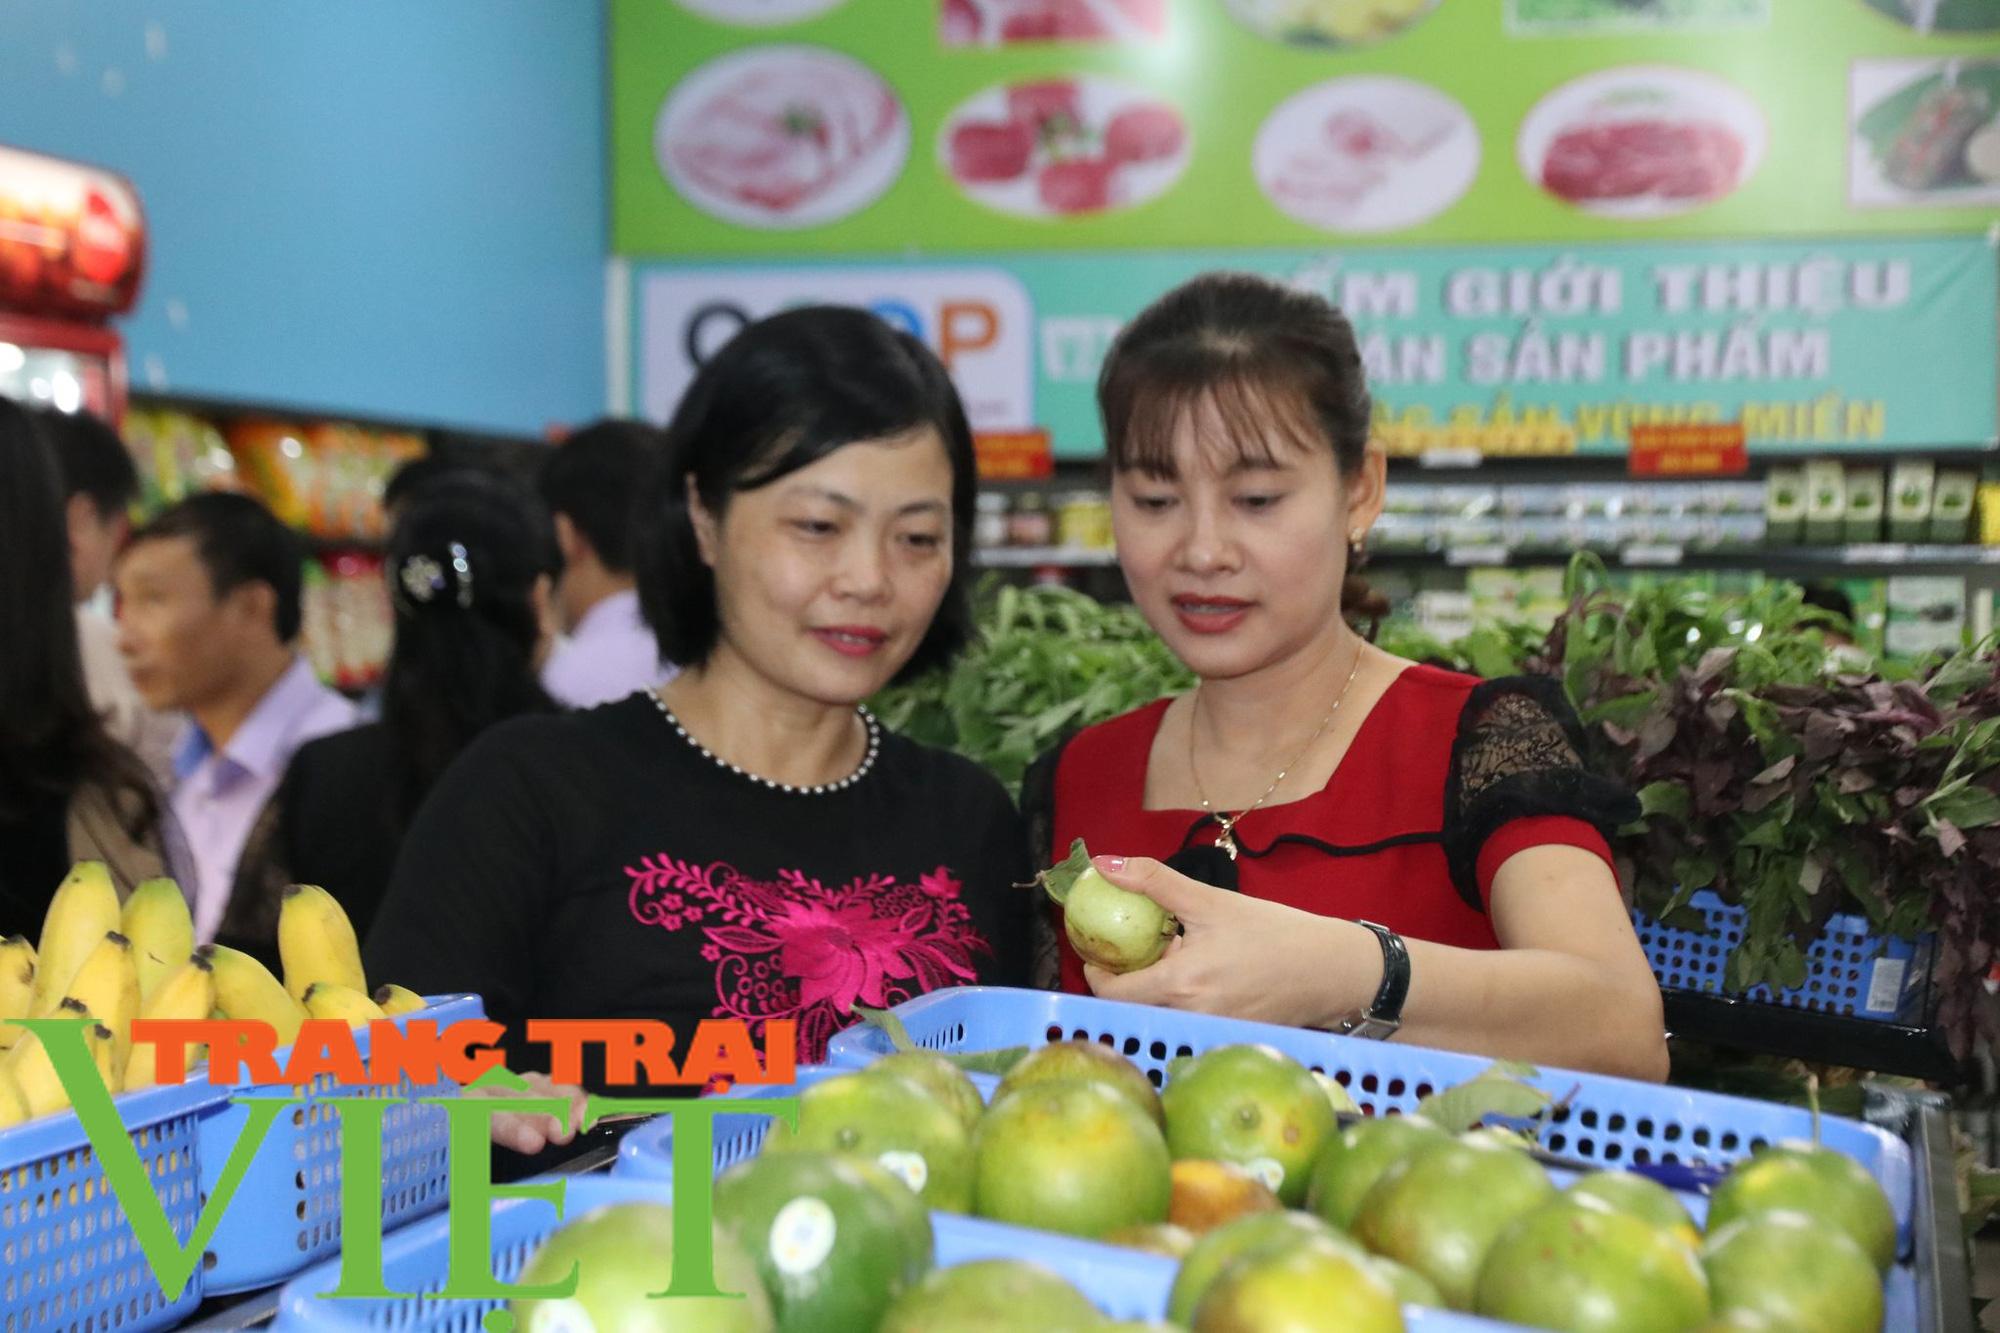 Gần 3,8 vạn nông dân tỉnh Hòa Bình đạt danh hiệu sản xuất, kinh doanh giỏi - Ảnh 6.